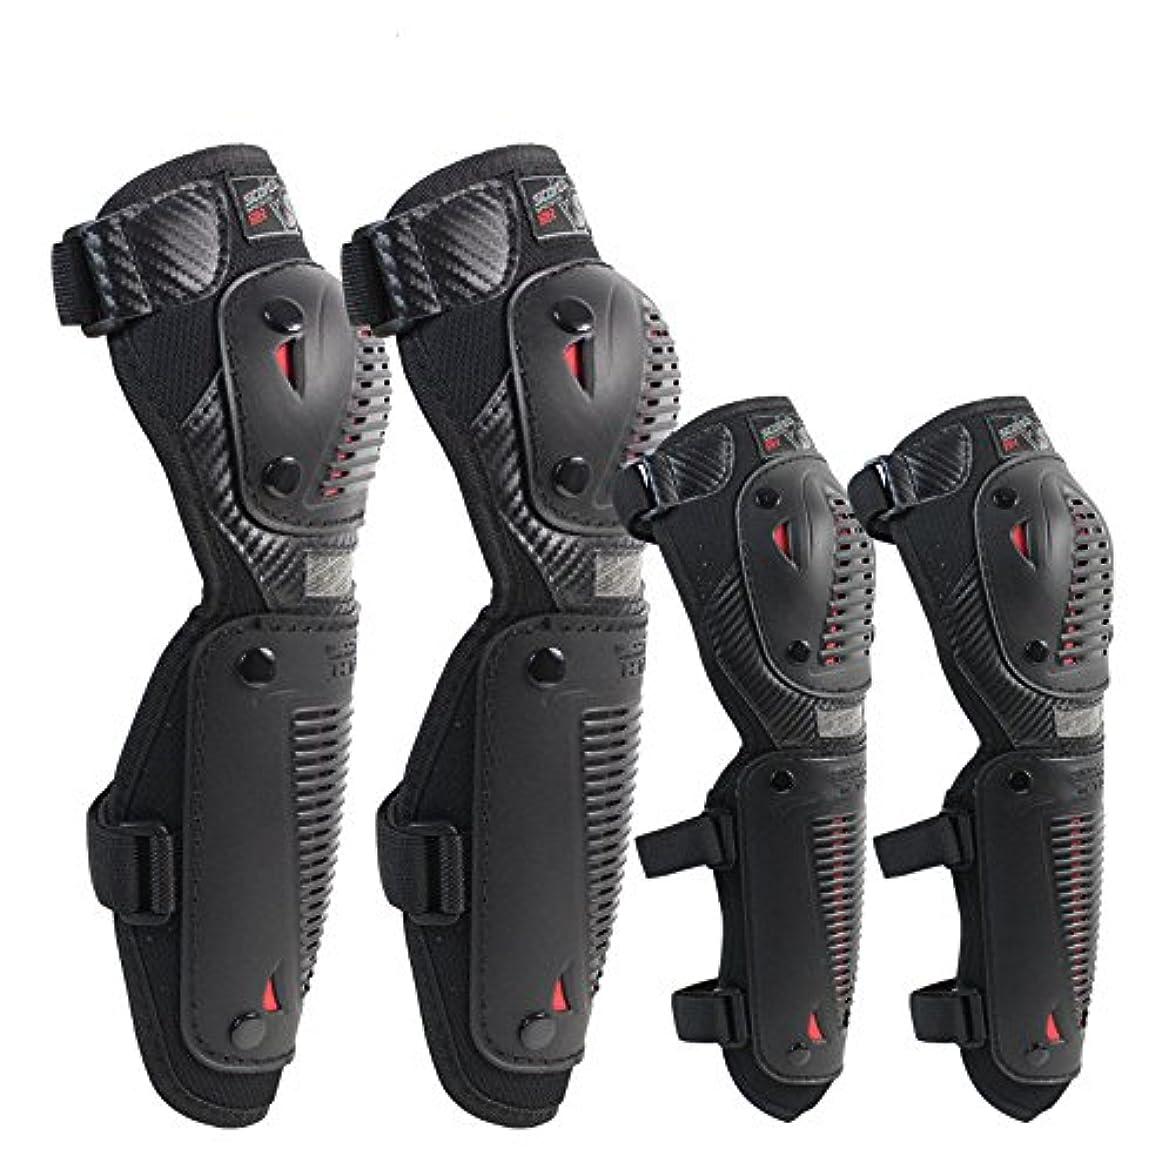 膝パッドサポート、 オートバイの肘と膝パッドのモトクロスバイクプロテクター保護アーマーサイクリングスキー乗馬-4 登山をするスポーツのために